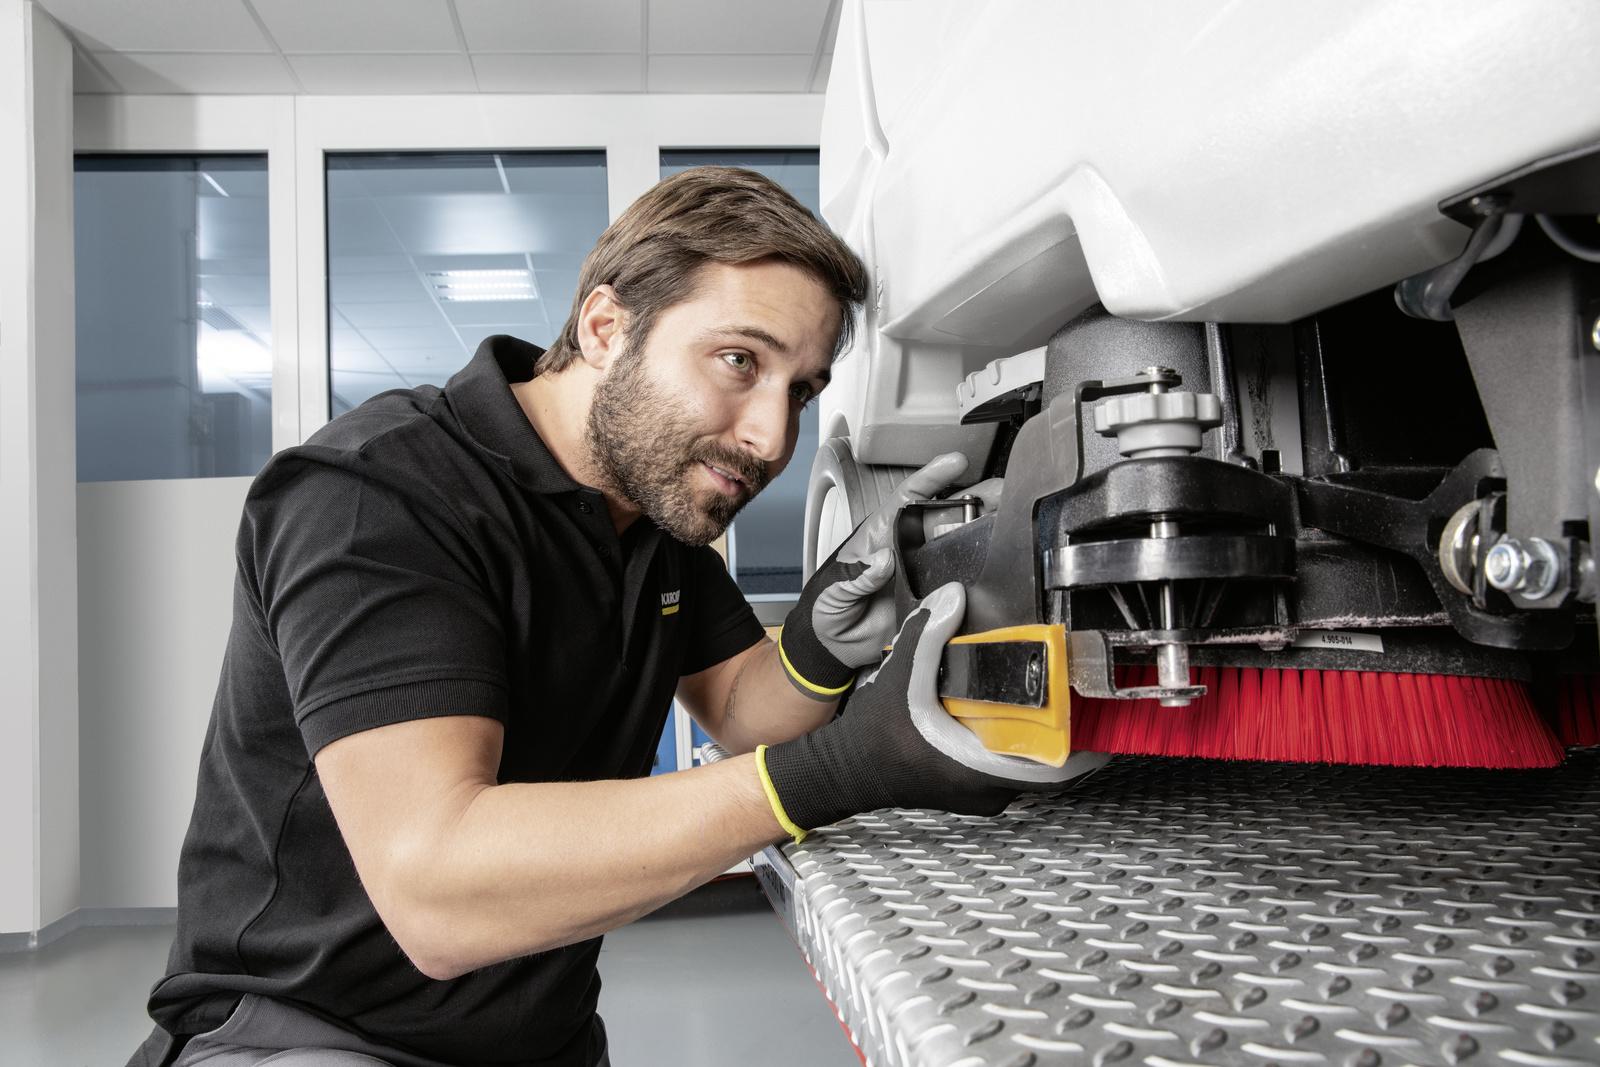 卡赫工商业产品全国统一用户服务指南